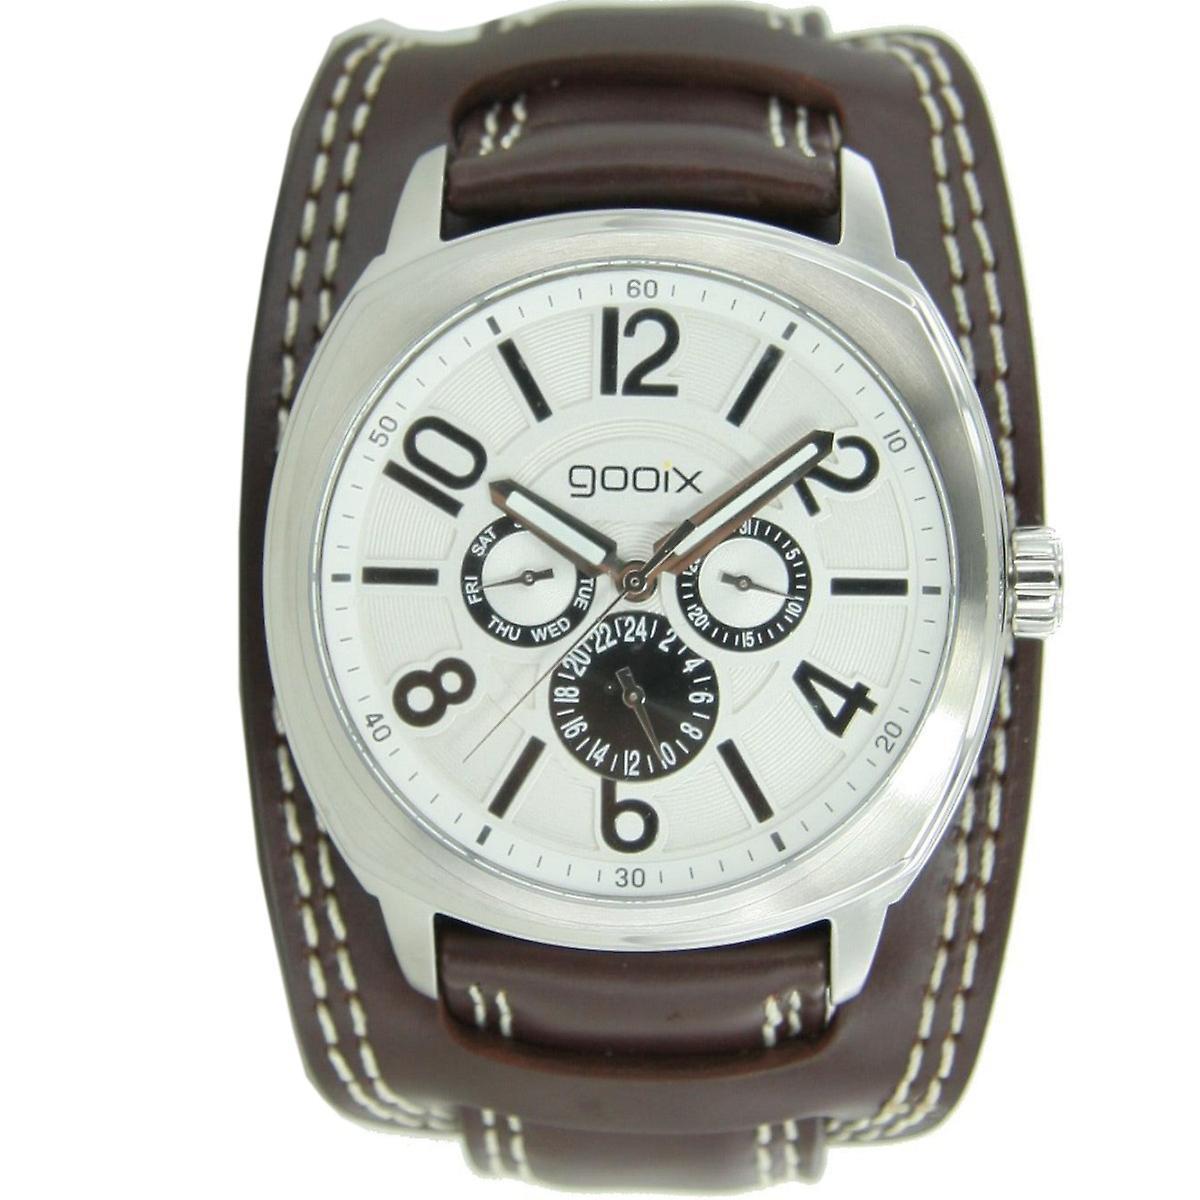 gooix mens watch wristwatch leather analog GX01104034